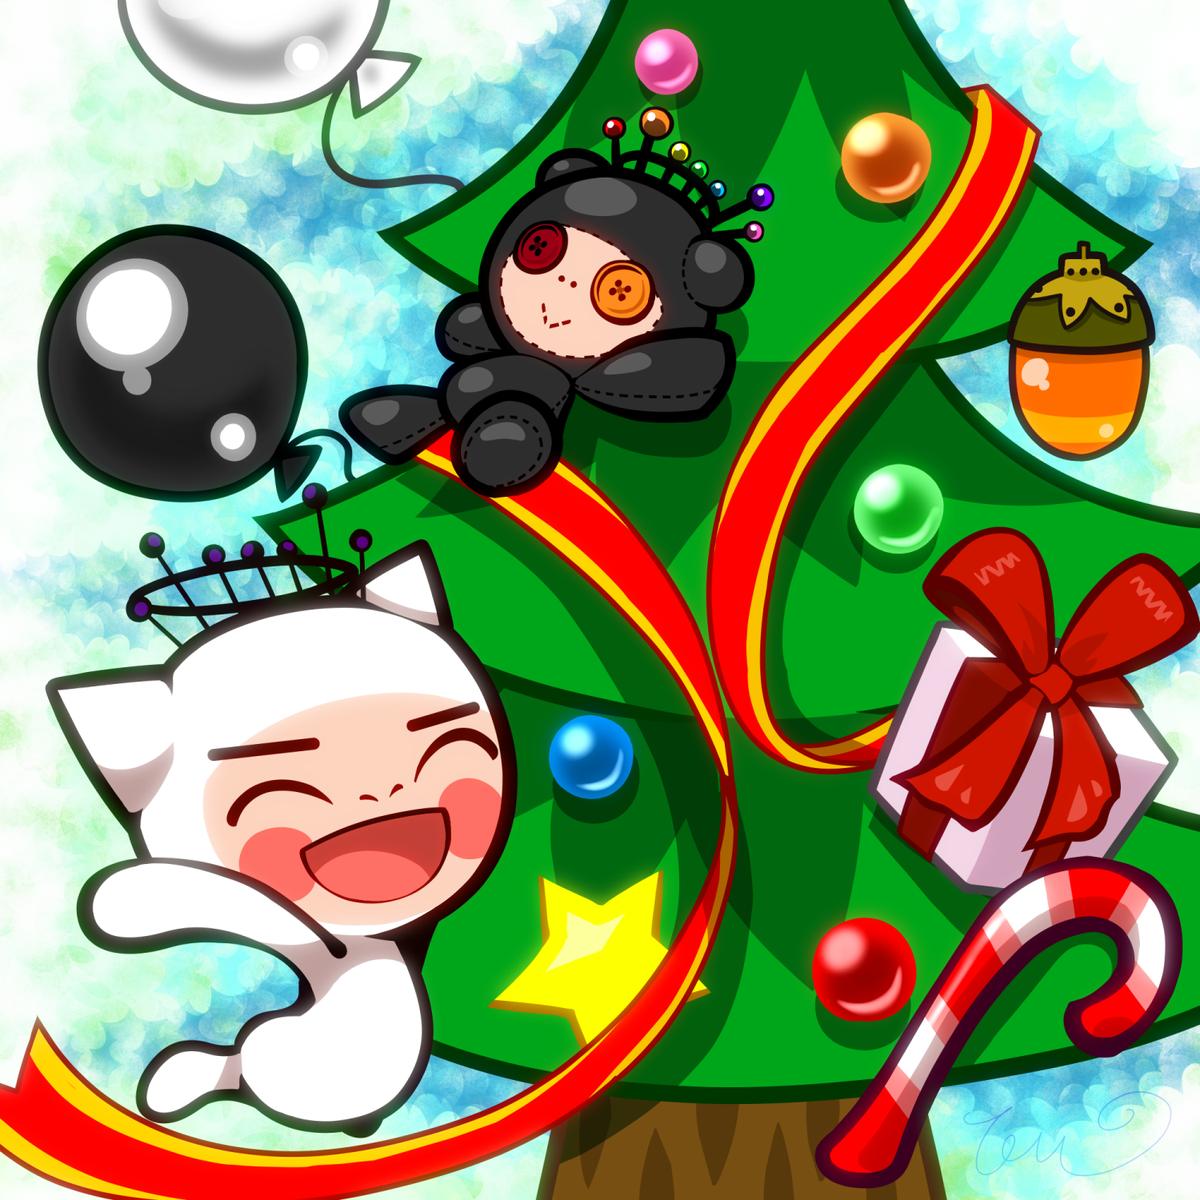 【電波人間のクリスマス2014】 てうさんのイラスト